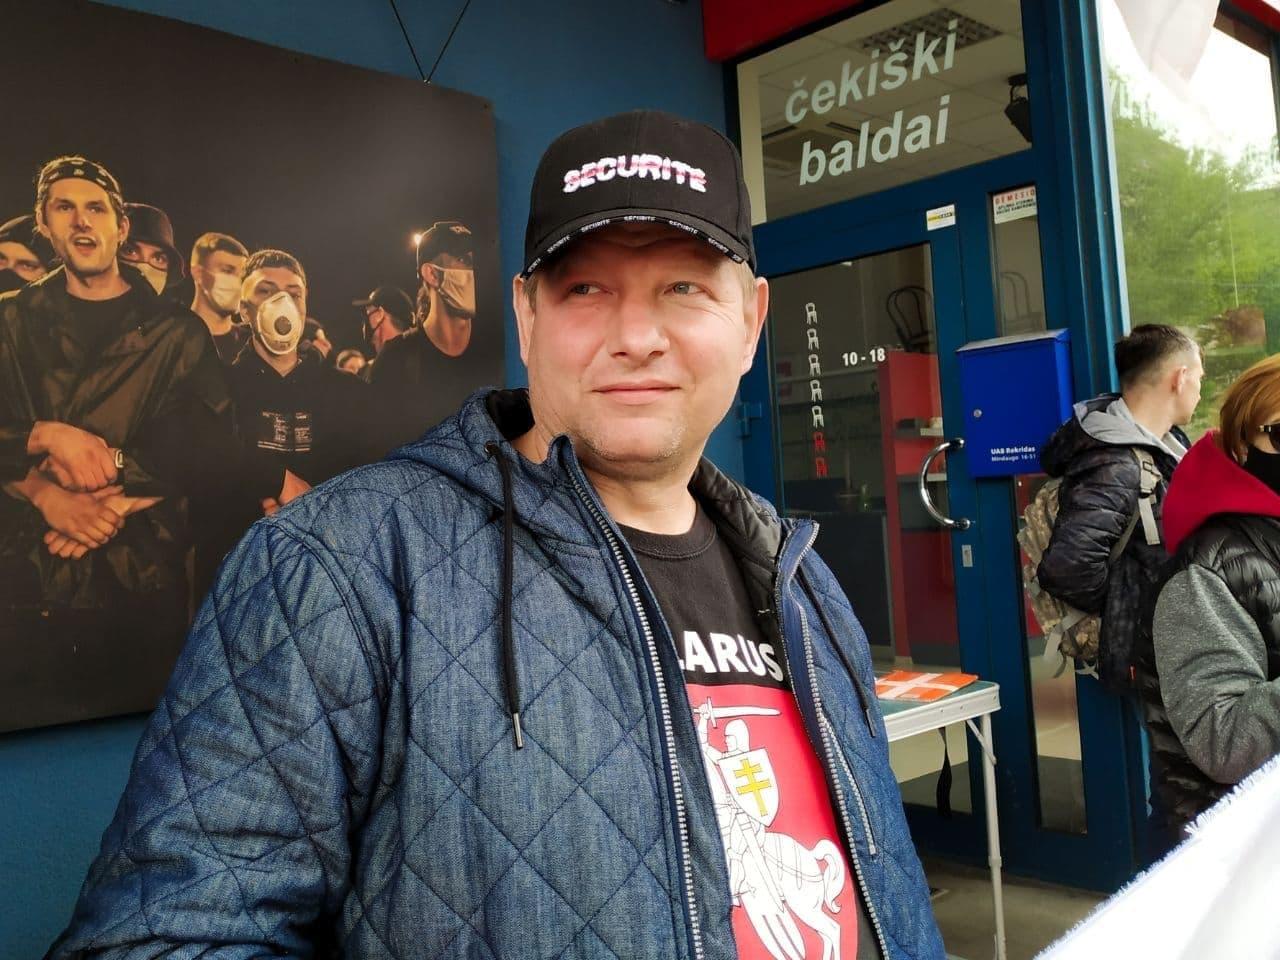 В Вильнюсе прошла акция памяти Витольда Ашурка6